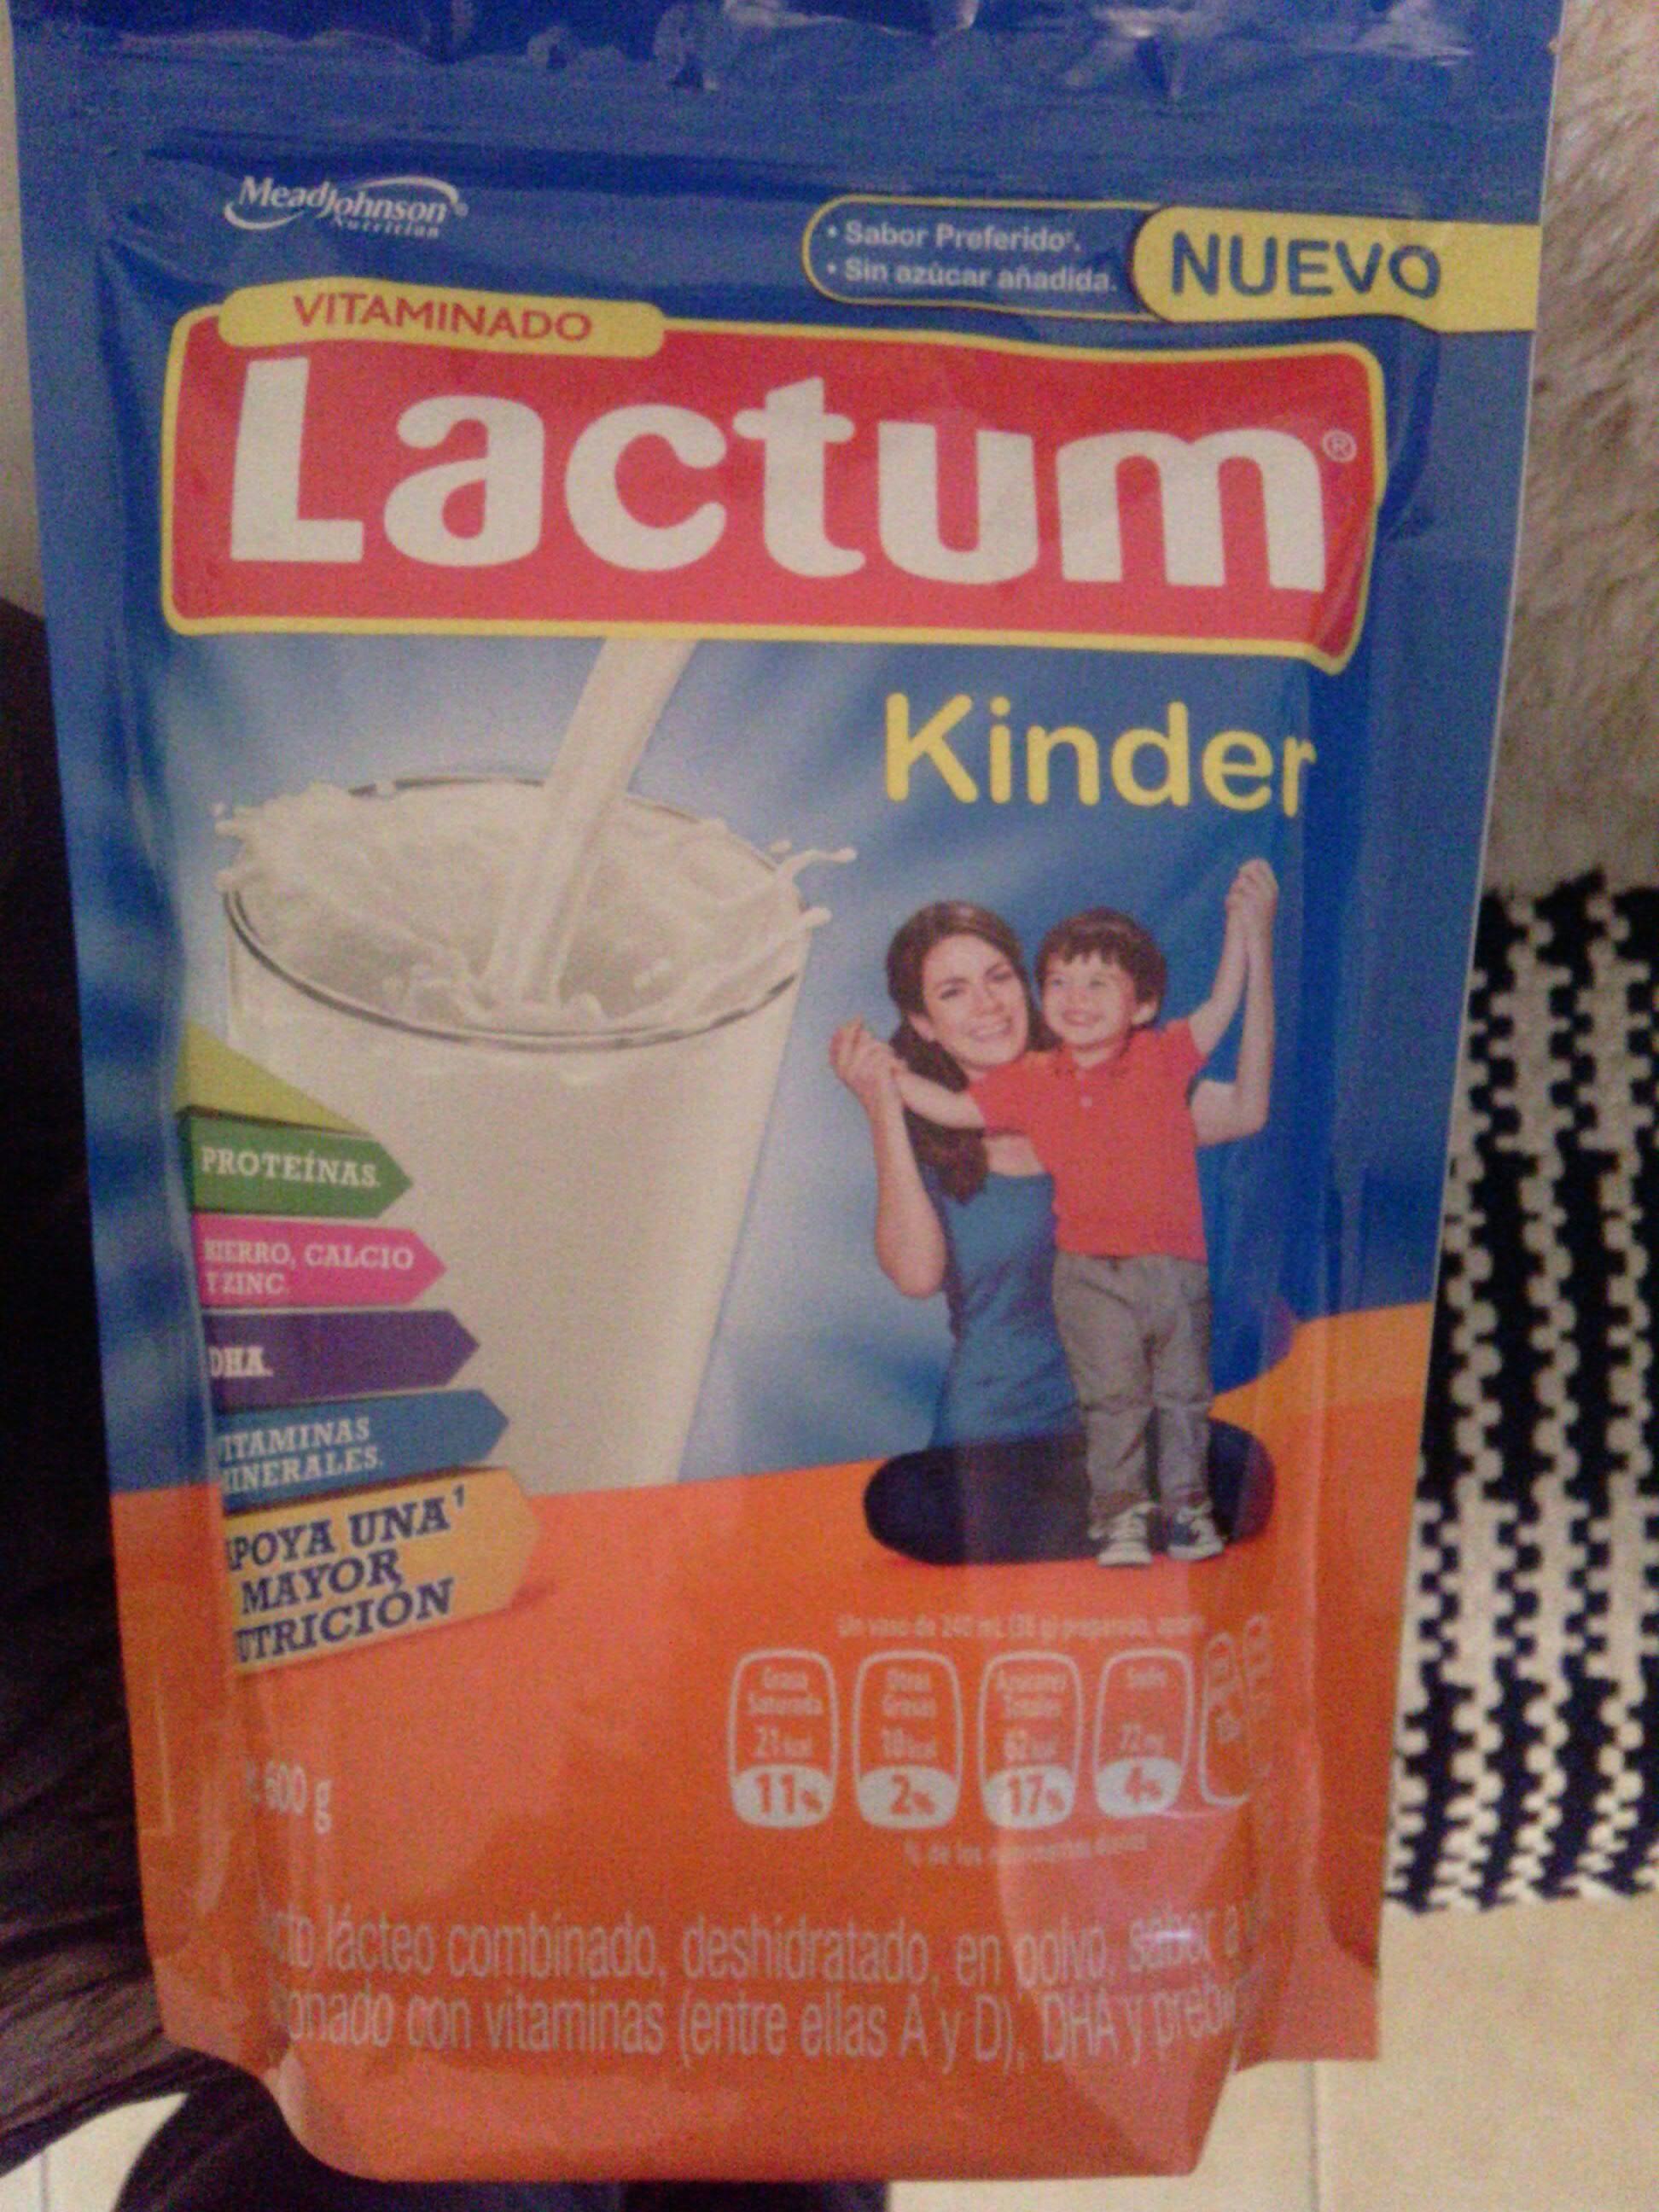 Bodega Aurrera: Lactum kinder 56.03 y avenitas granvita 7.03